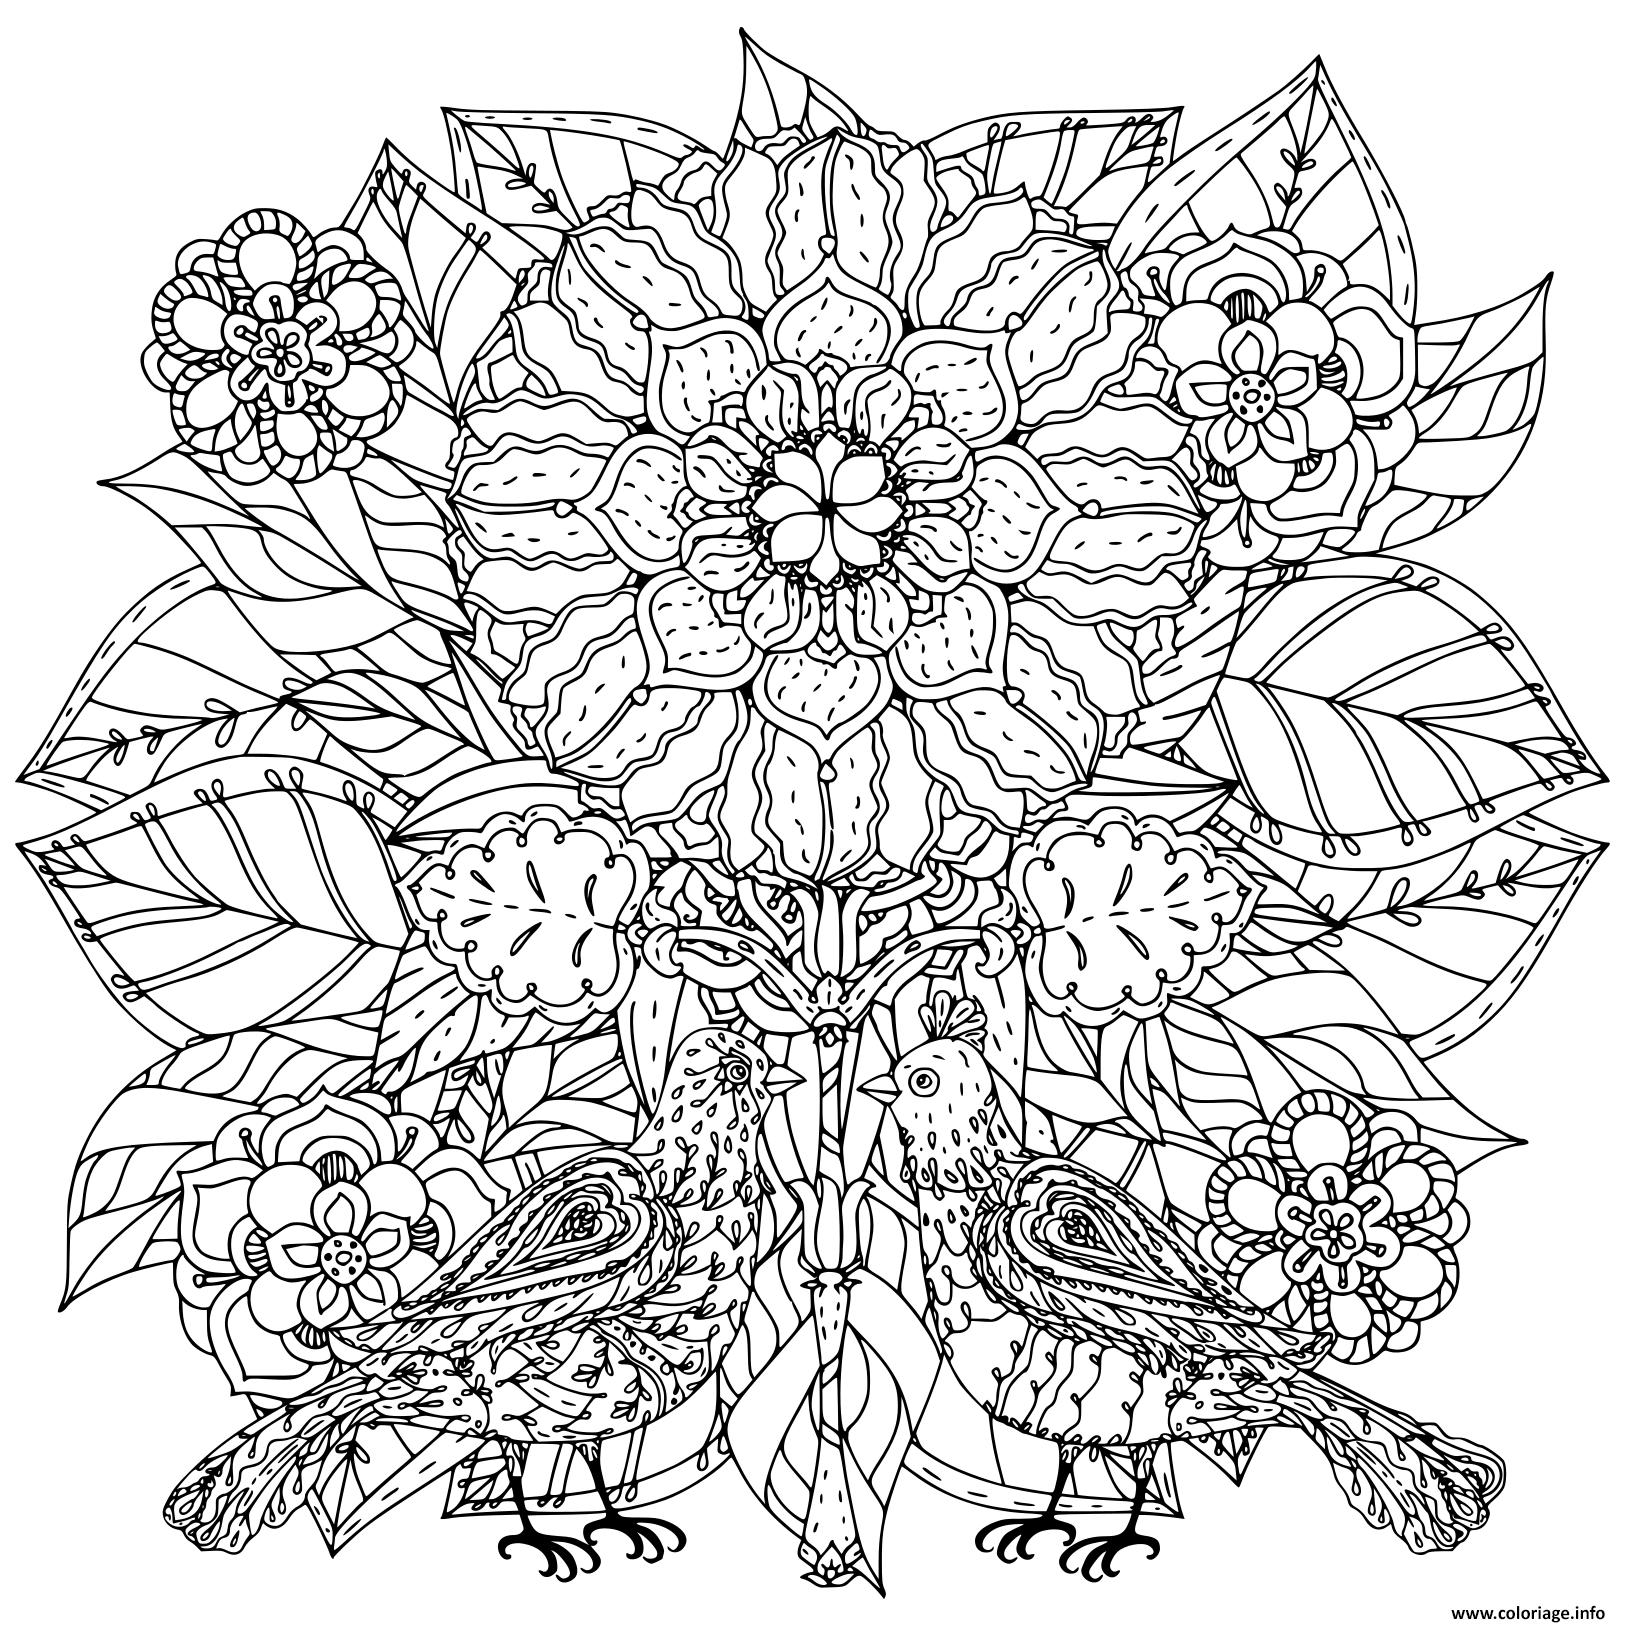 Coloriage Des Fleurs Et Des Papillons Pour Adulte Art Therapie Dessin Adulte A Imprimer